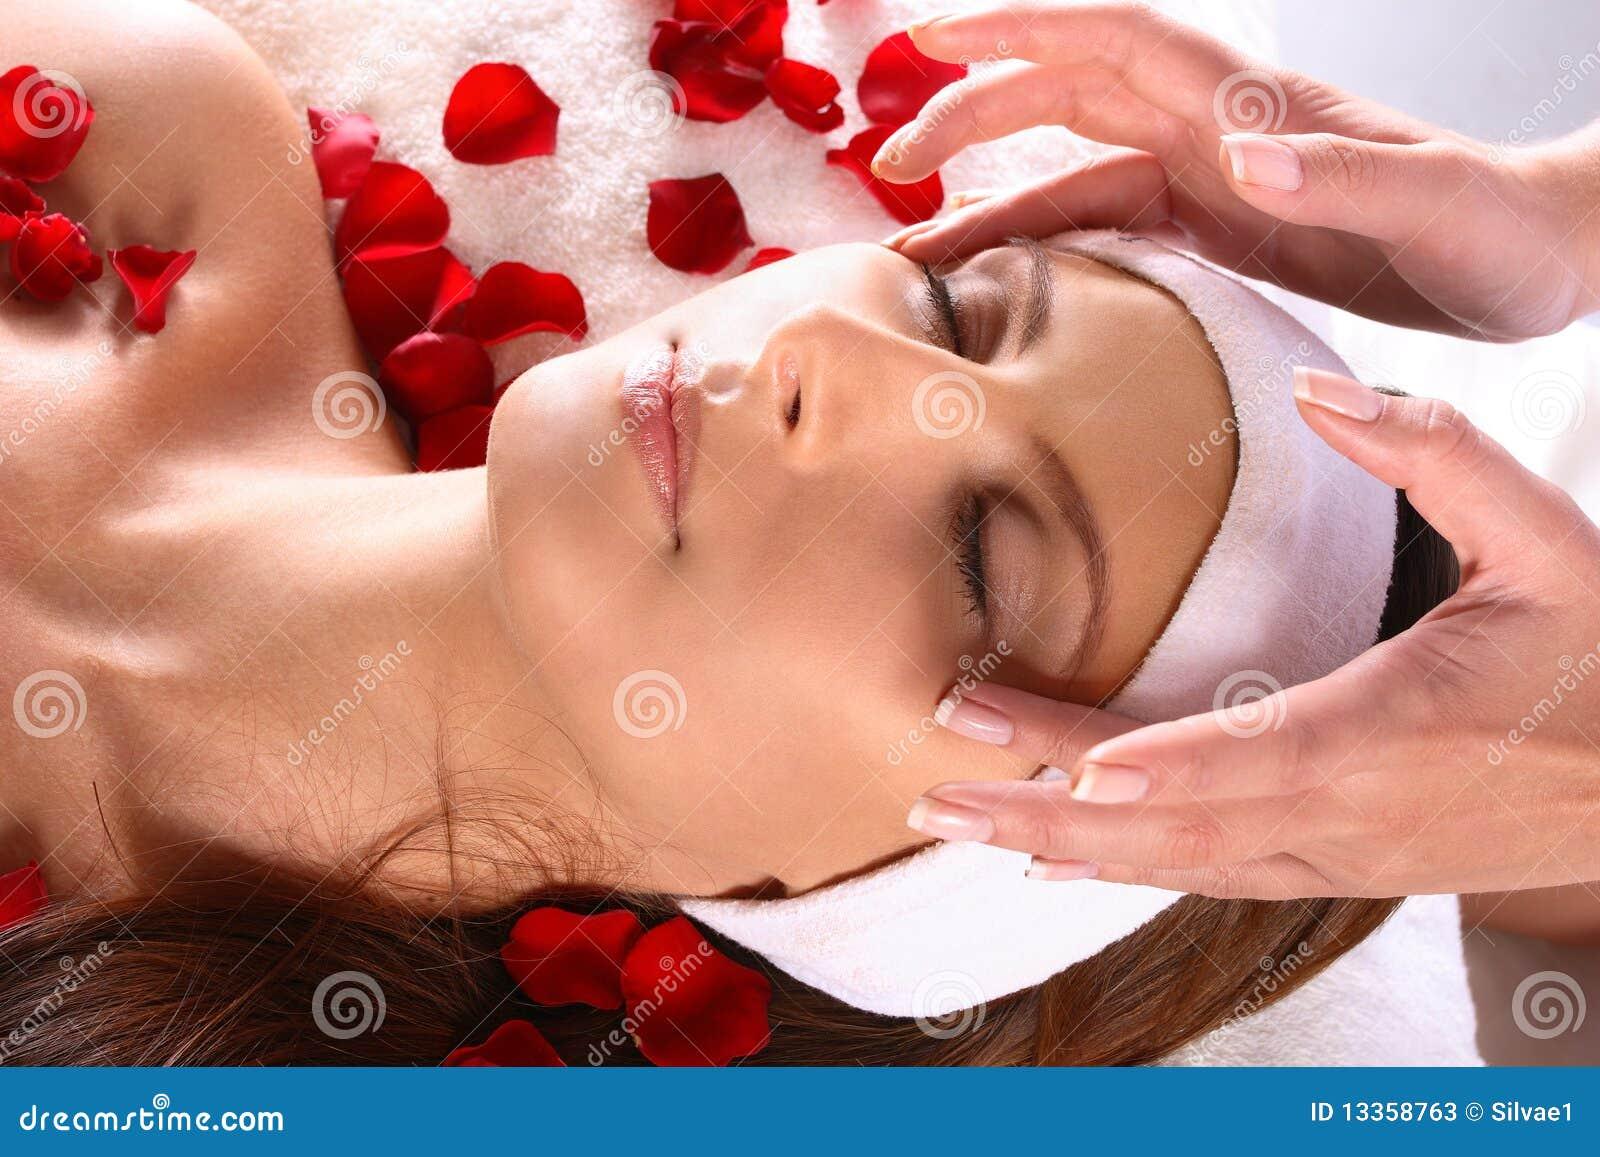 girl gets massage